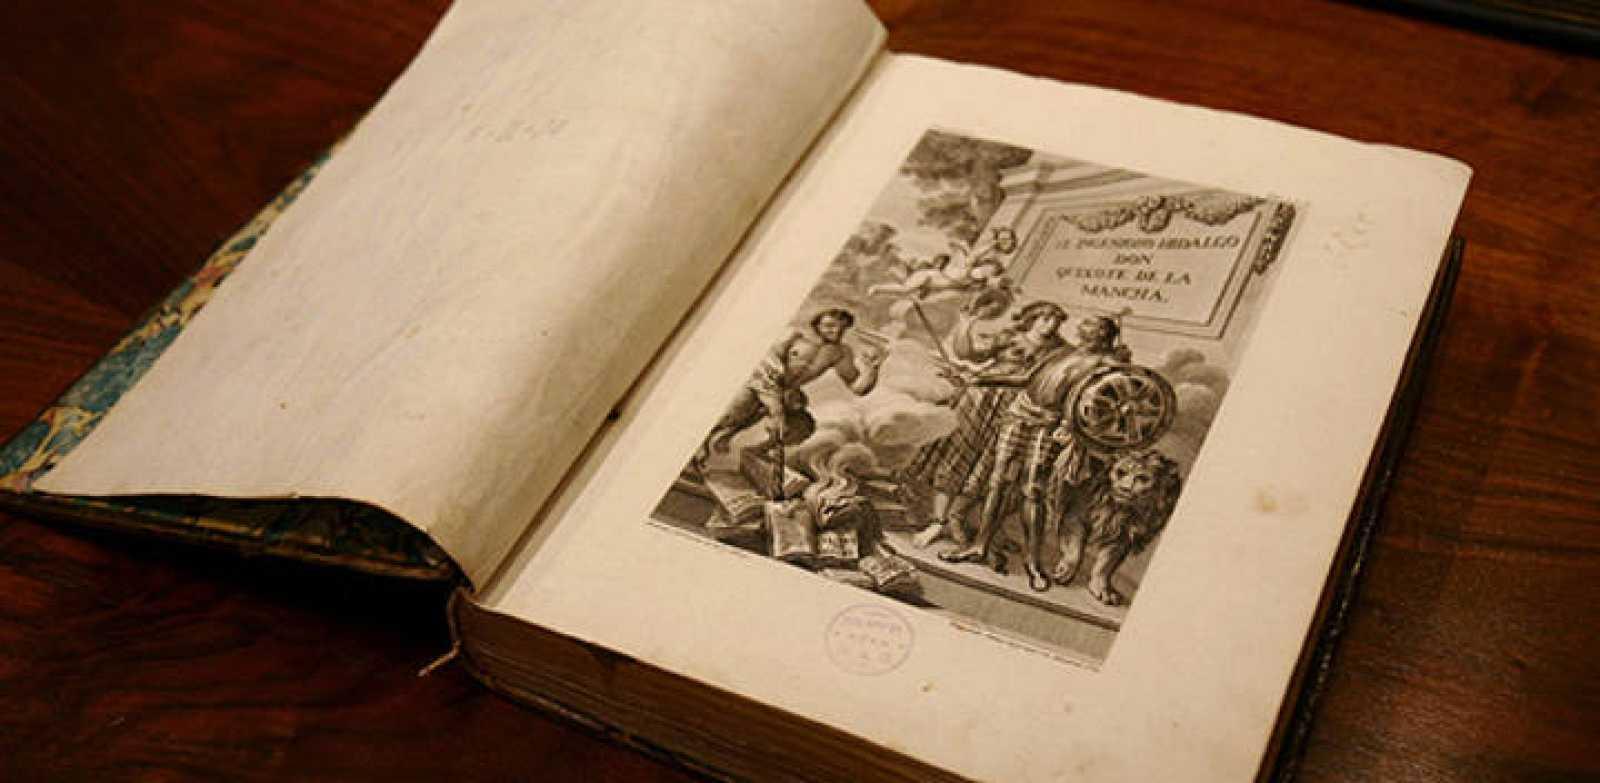 La edición ilustrada del Quijote de Ibarra, de 1780